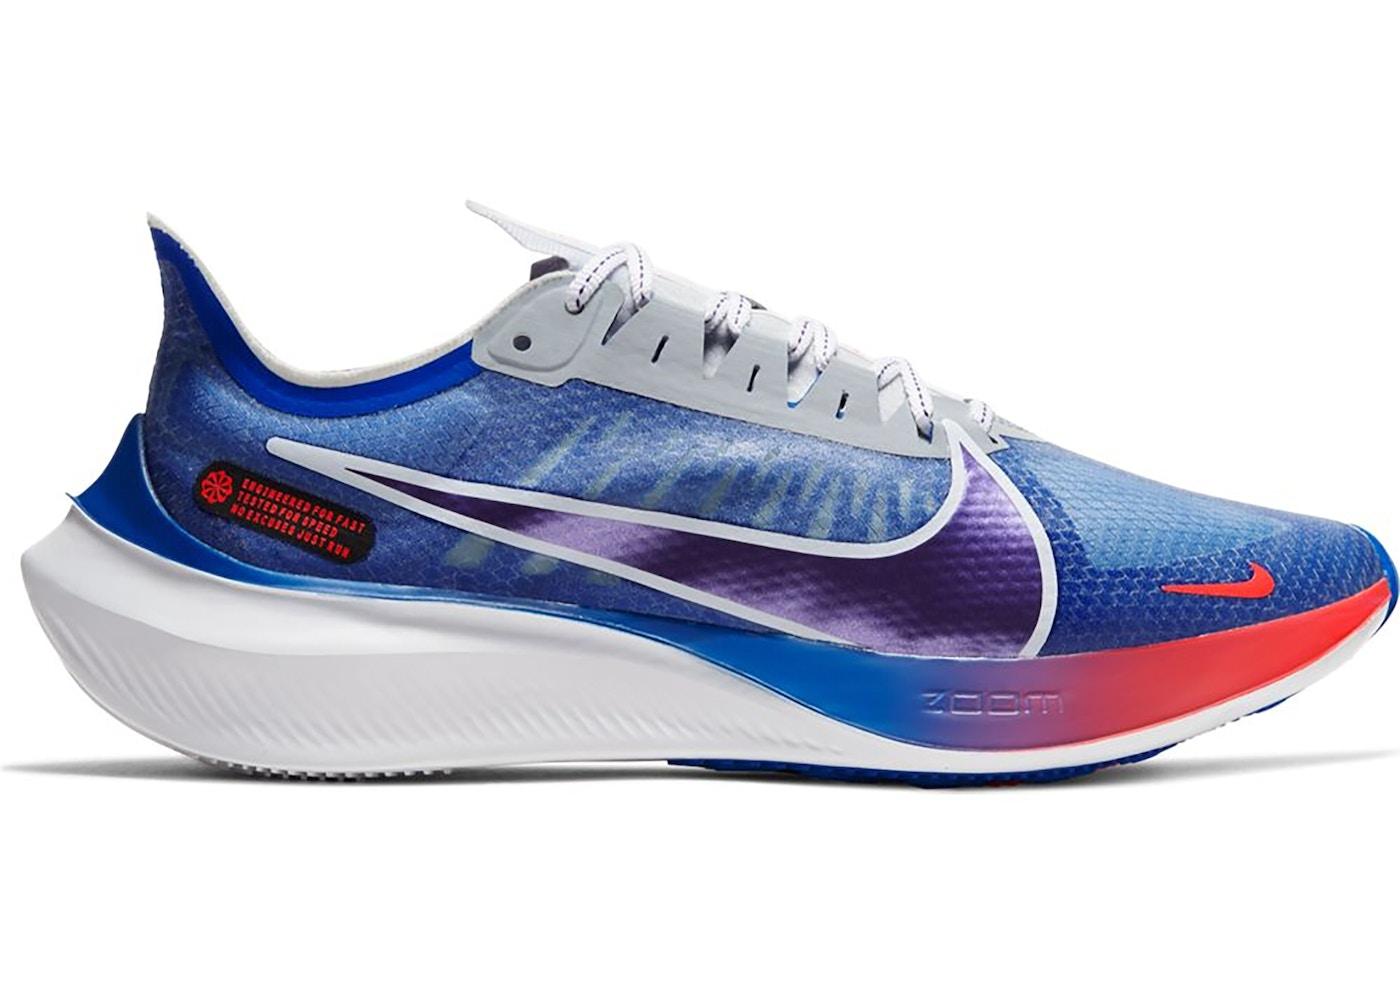 Nike Zoom Gravity Miami